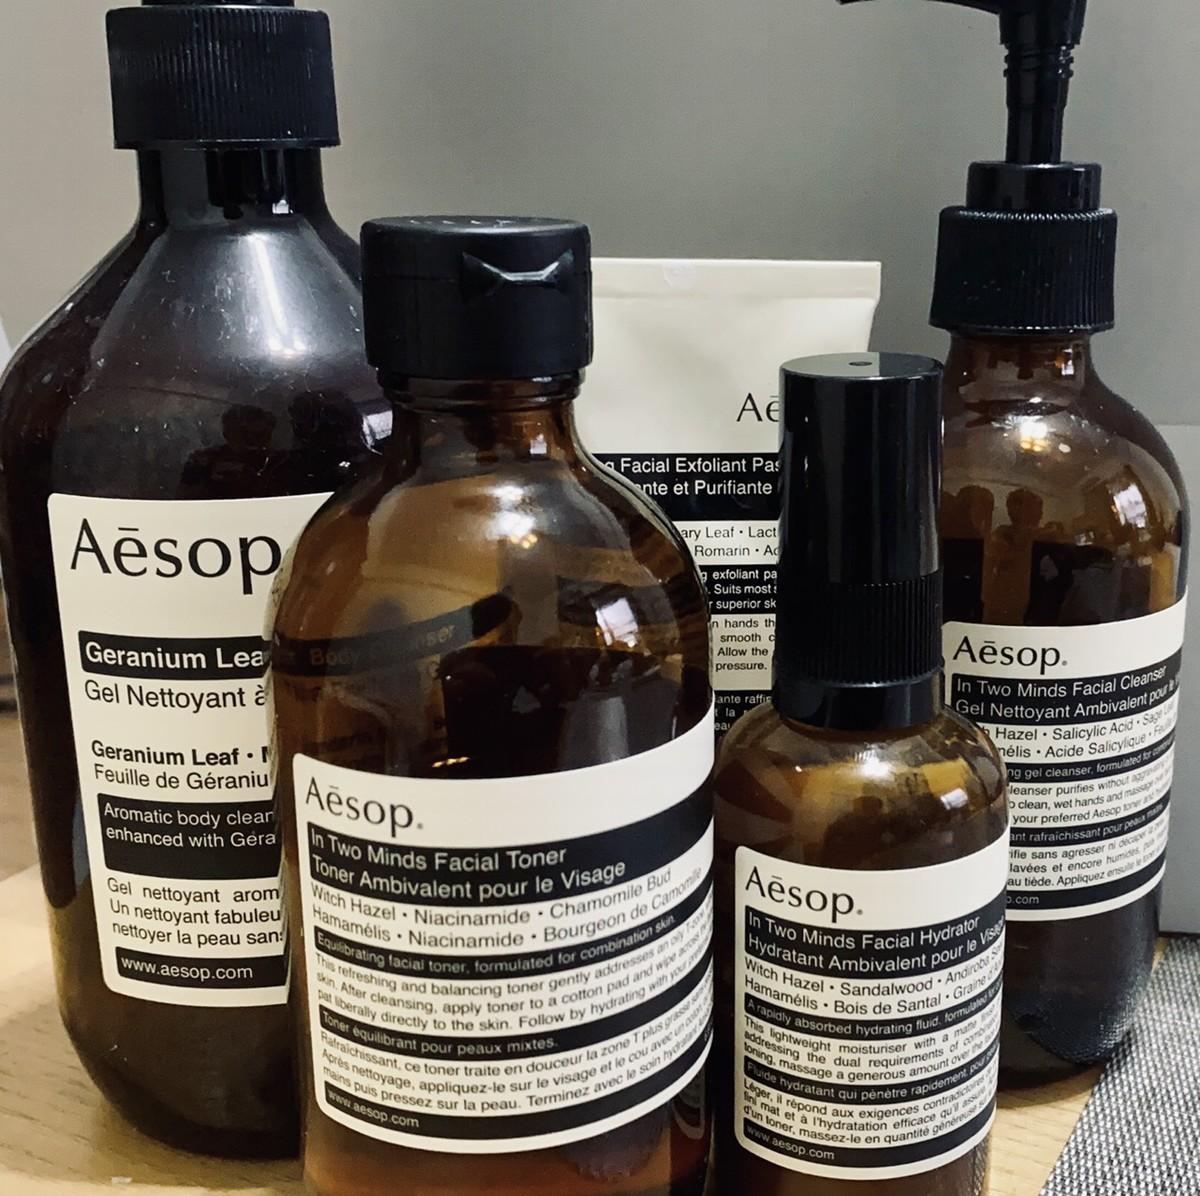 aesop 洗顔フォーム 化粧水 乳液 クレンジング ボディーソープ